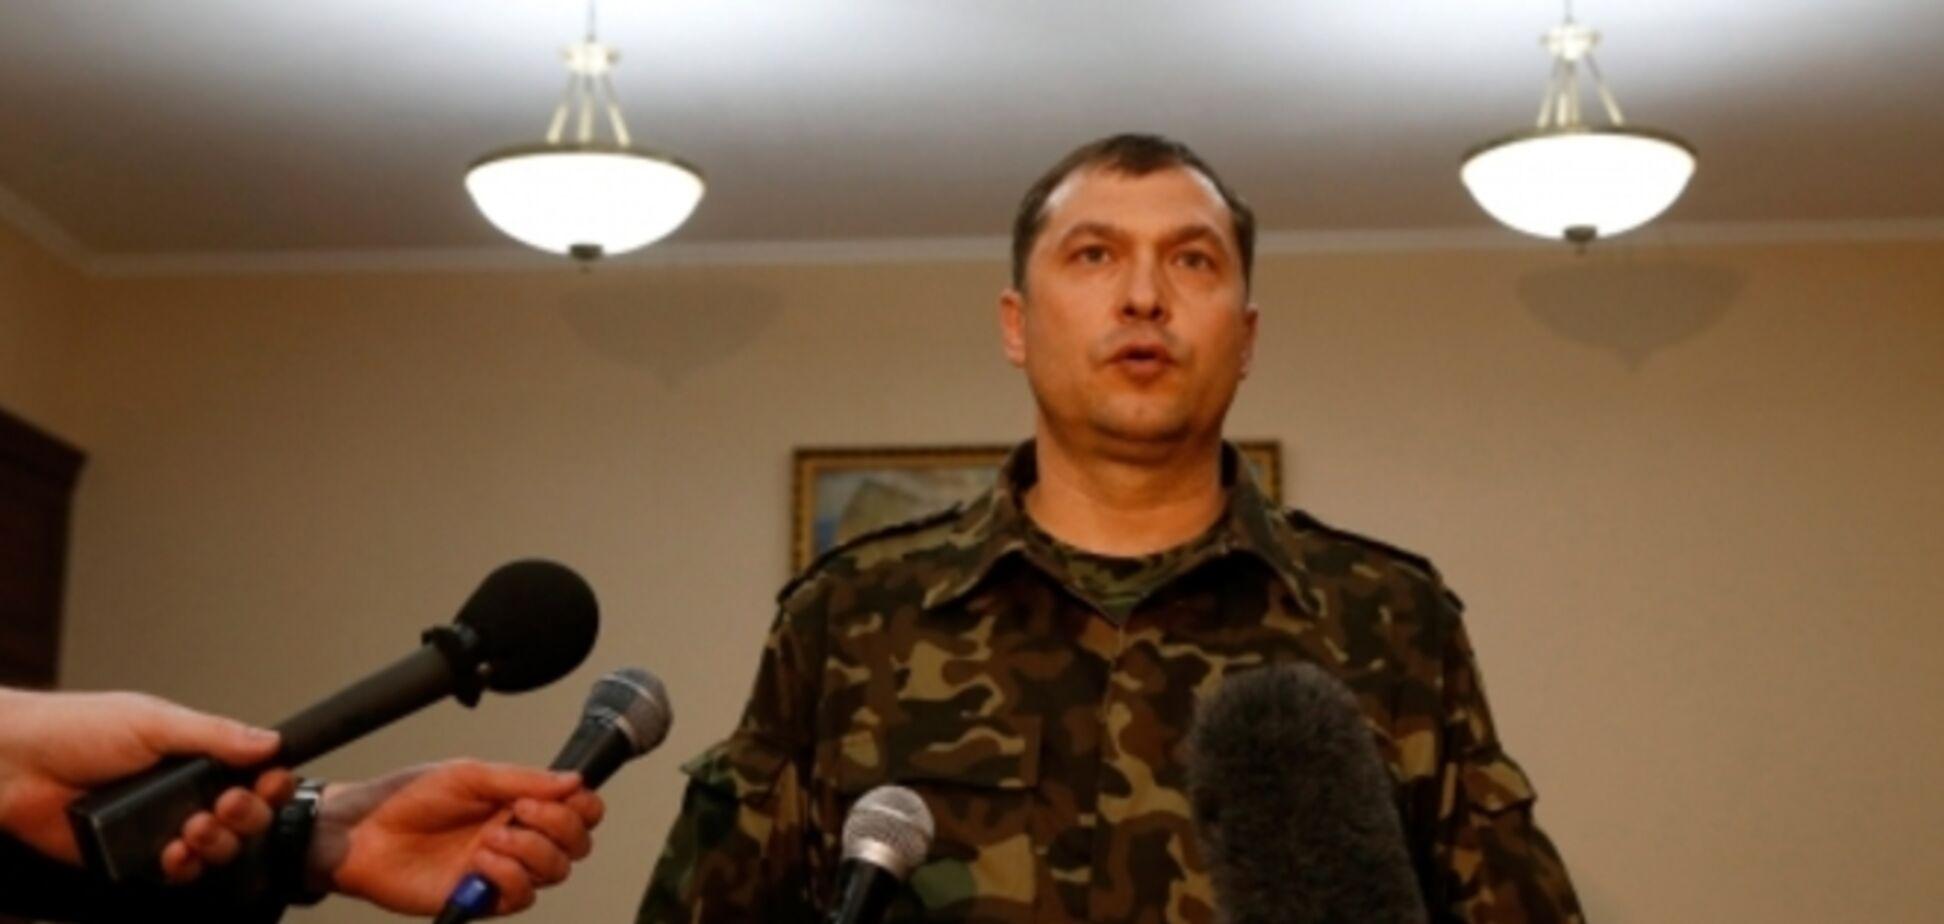 Военные передали 'привет' 'губернатору' Болотову: готовы встретиться с ним по-мужски